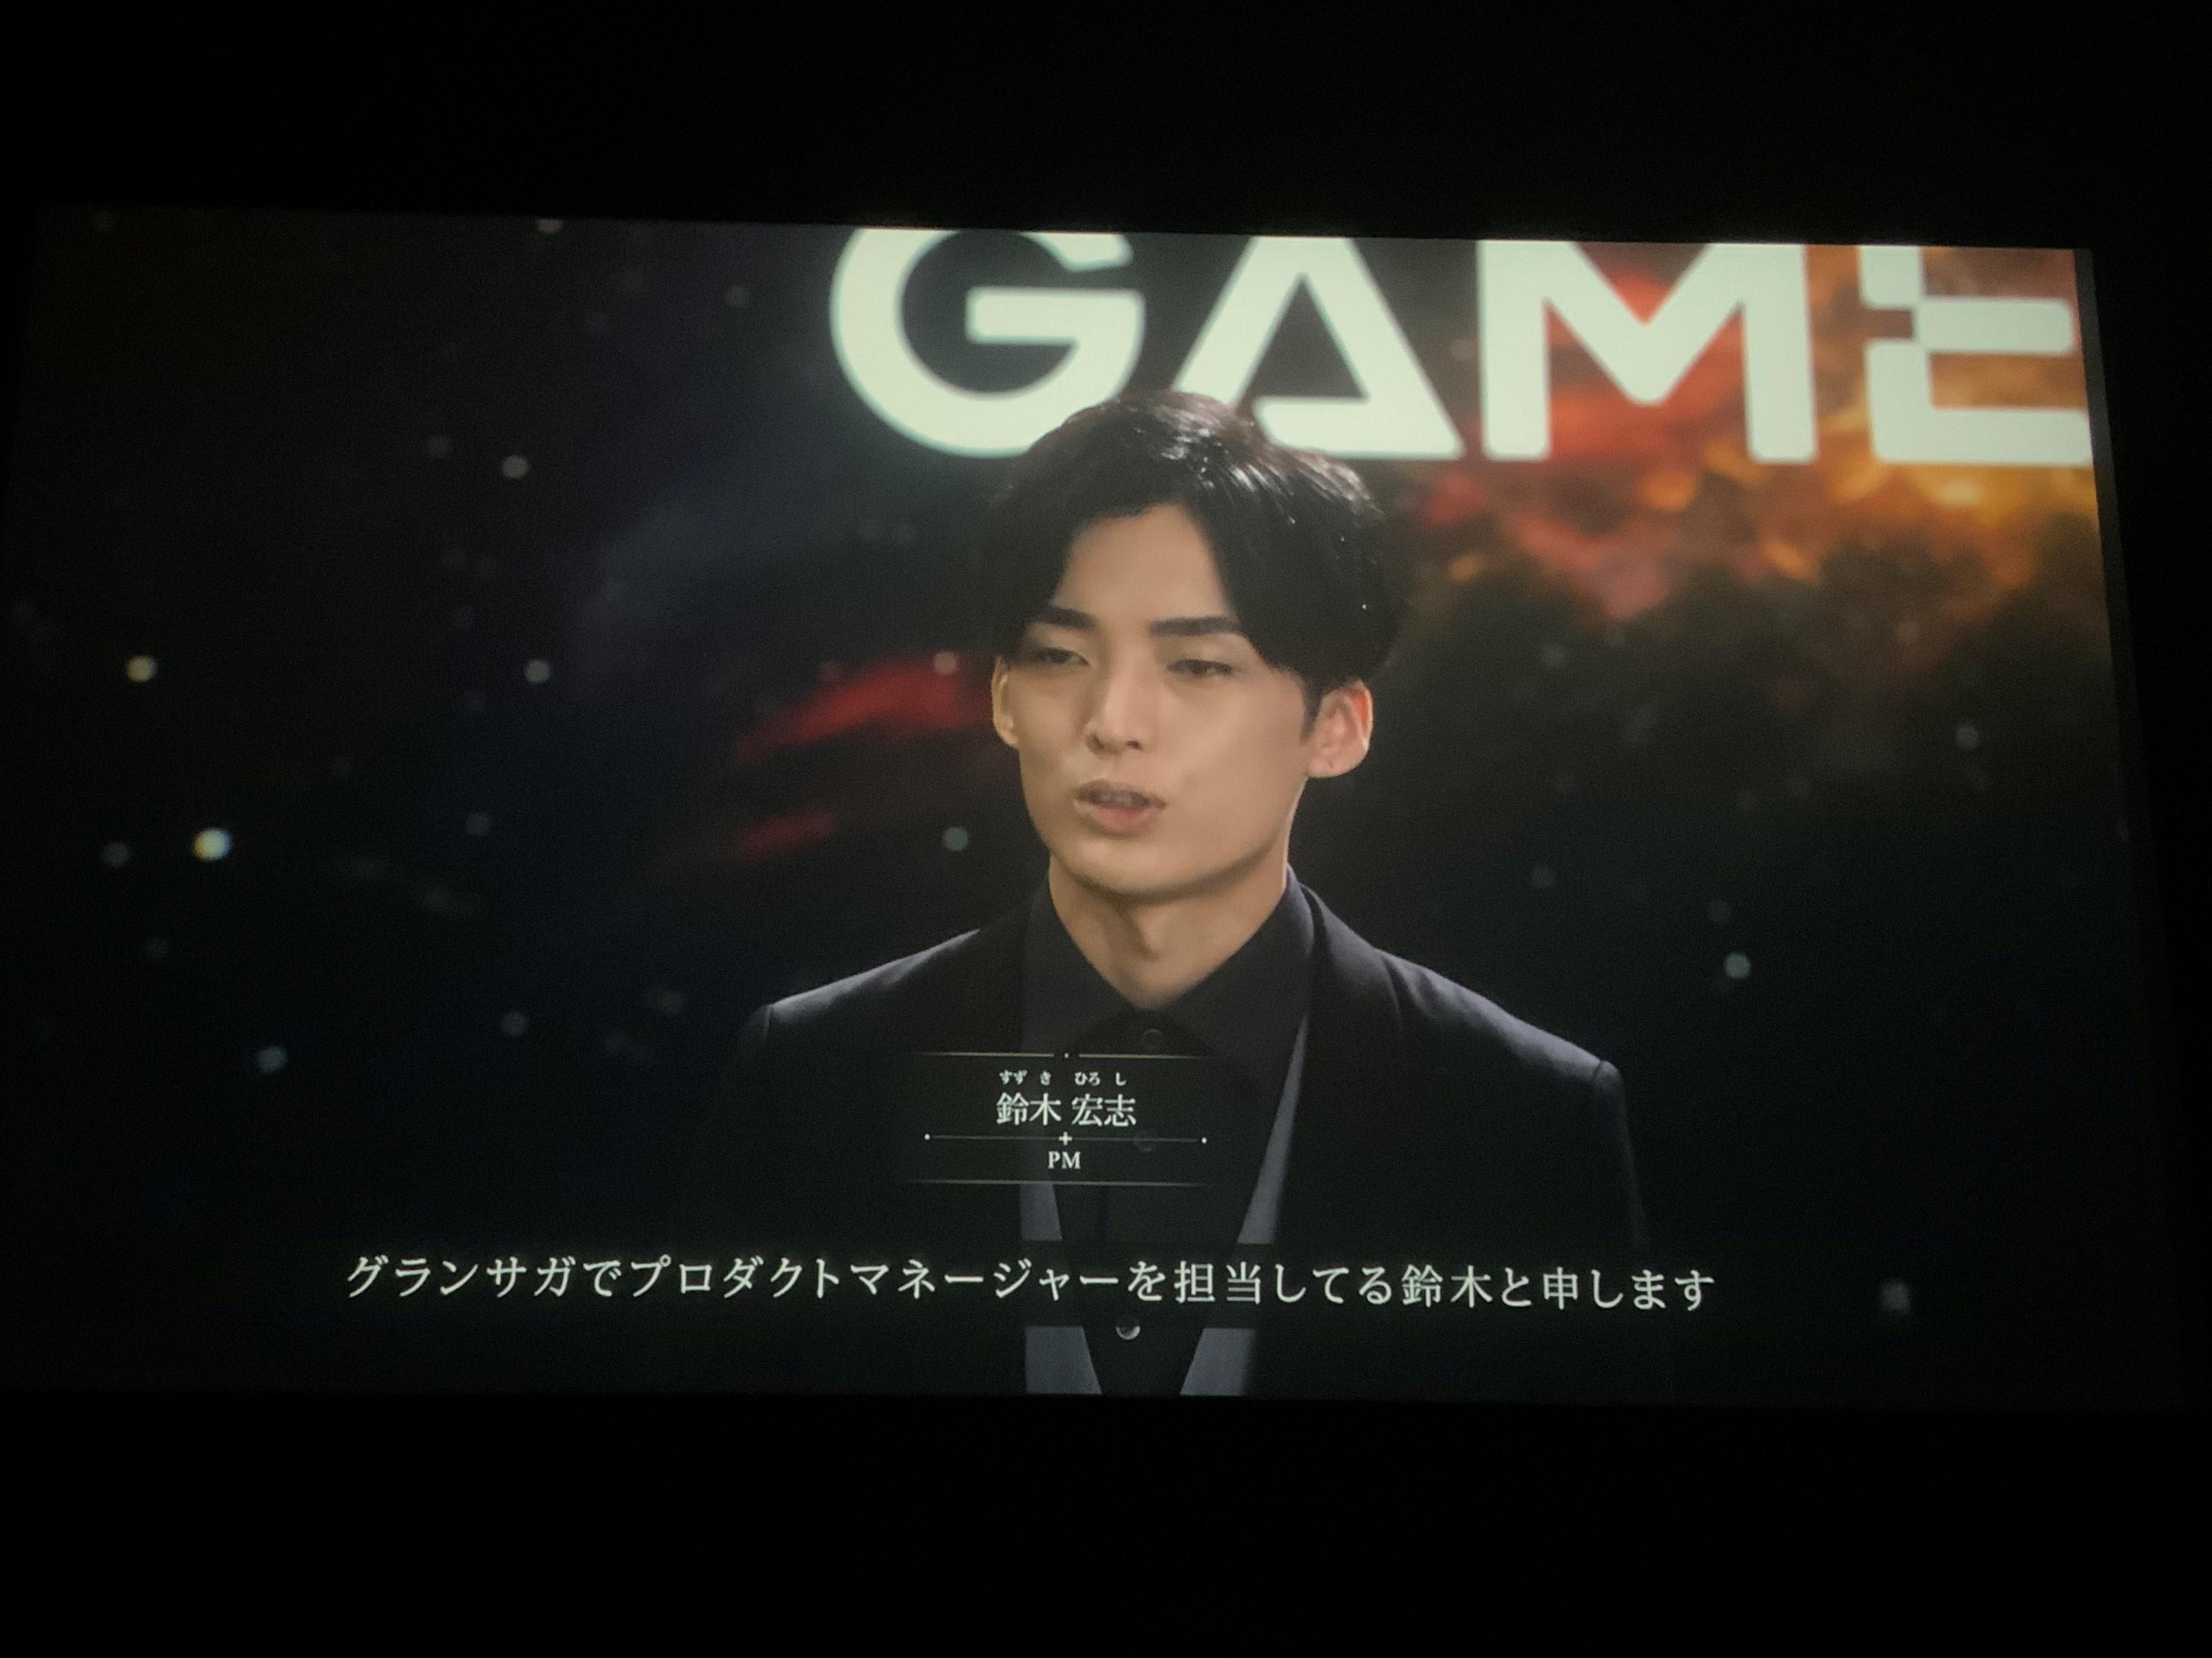 『グランサガ』ショーケースライブ(プロダクトマネージャー・鈴木宏志氏)